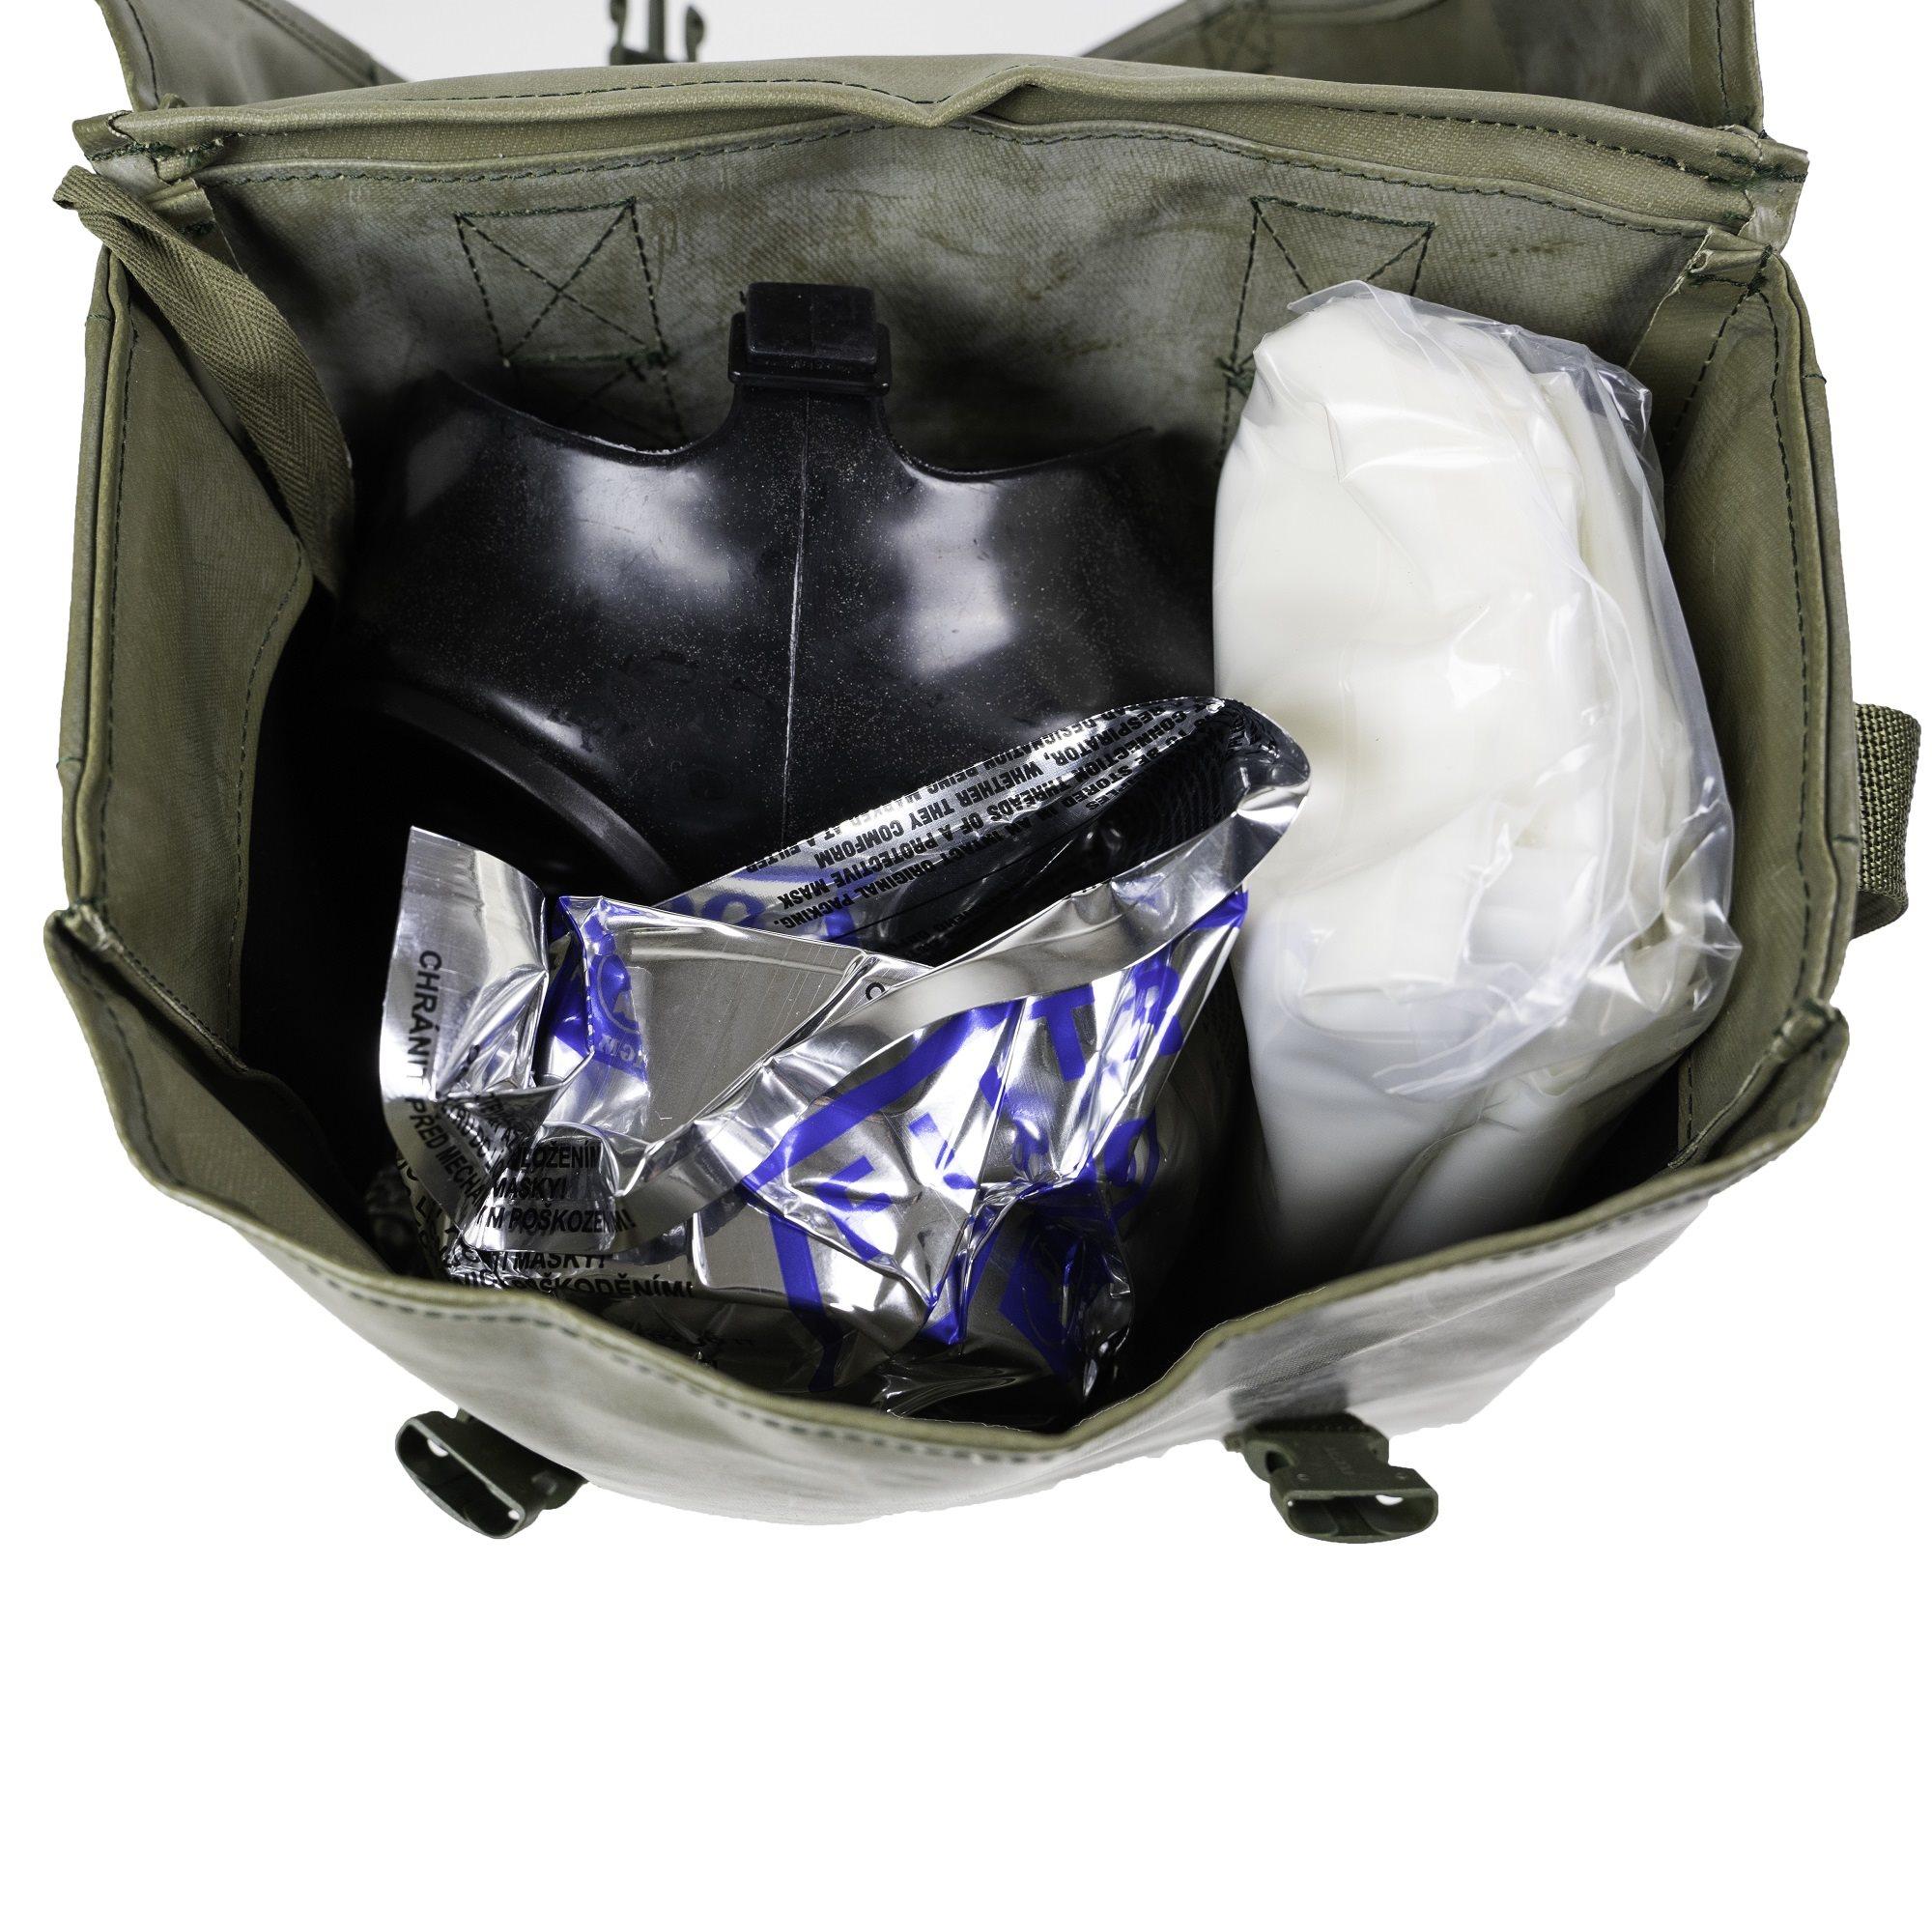 Maska plynová OM90 s filtrem a obalem + JP-90 Gumárny Zubří OM-90 L-11